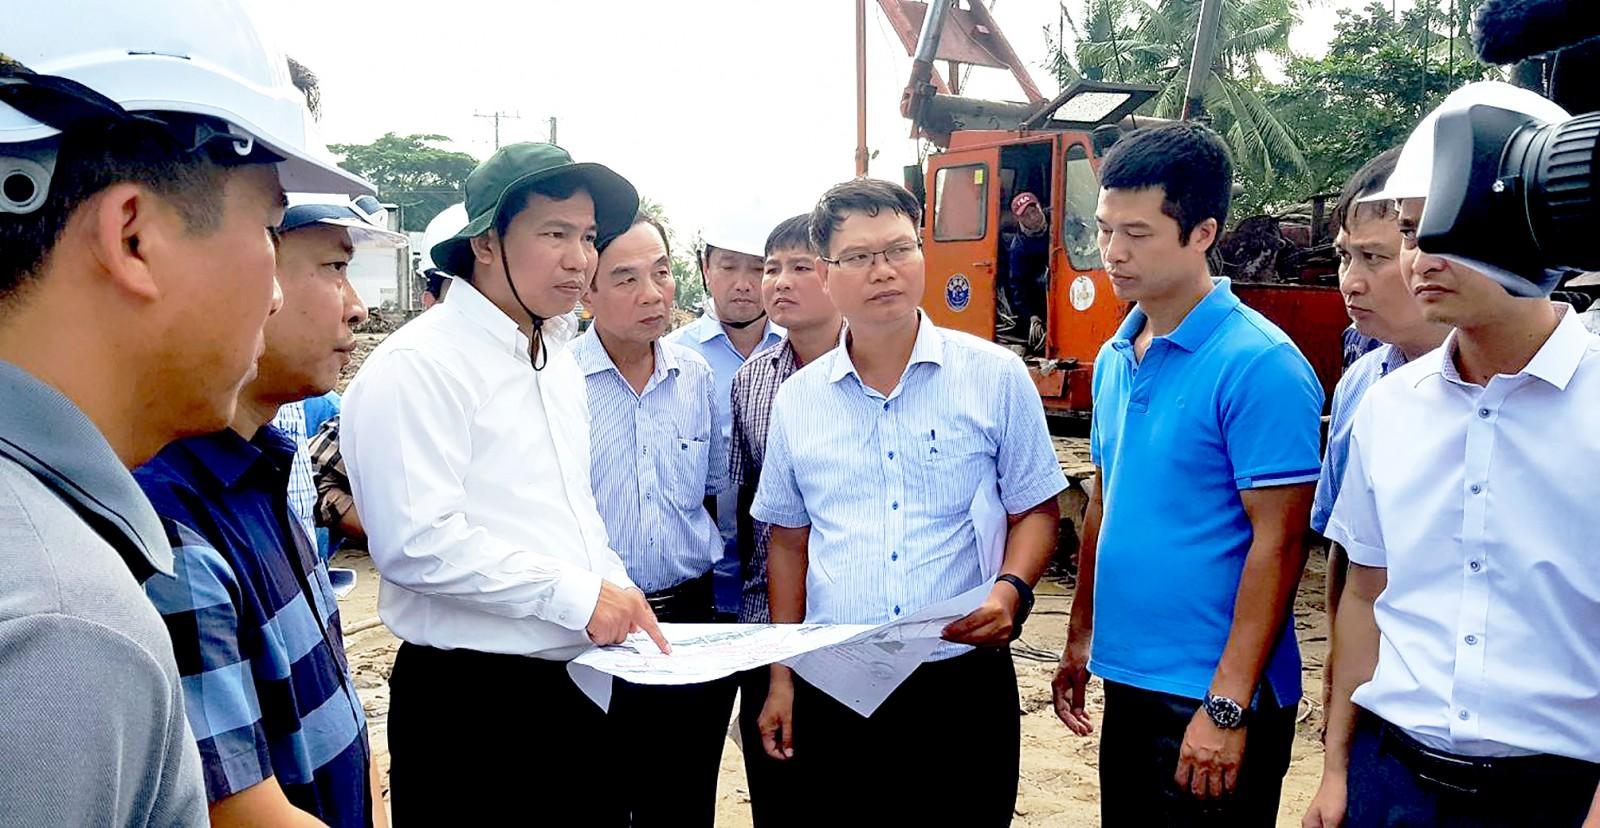 Chủ tịch UBND thành phố Lê Quang Mạnh kiểm tra tại công trình xây dựng cầu Vàm Nhon, nằm trên tuyến đường tỉnh 922, địa phận Thới Lai.